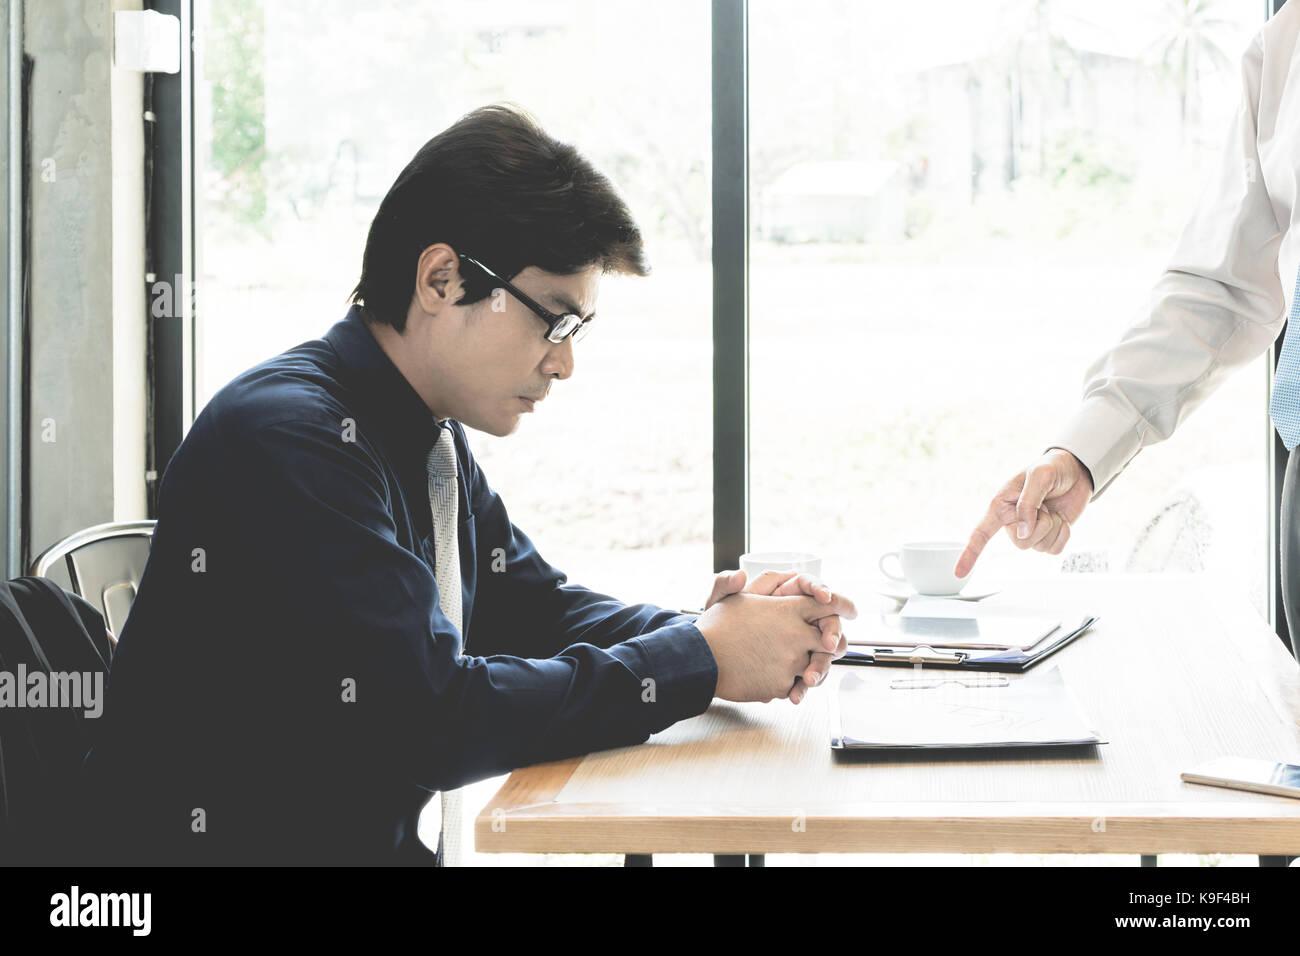 Administrador de Asia del empresario quejándose a empleado por apuntando a él por error el trabajo, destacó Imagen De Stock